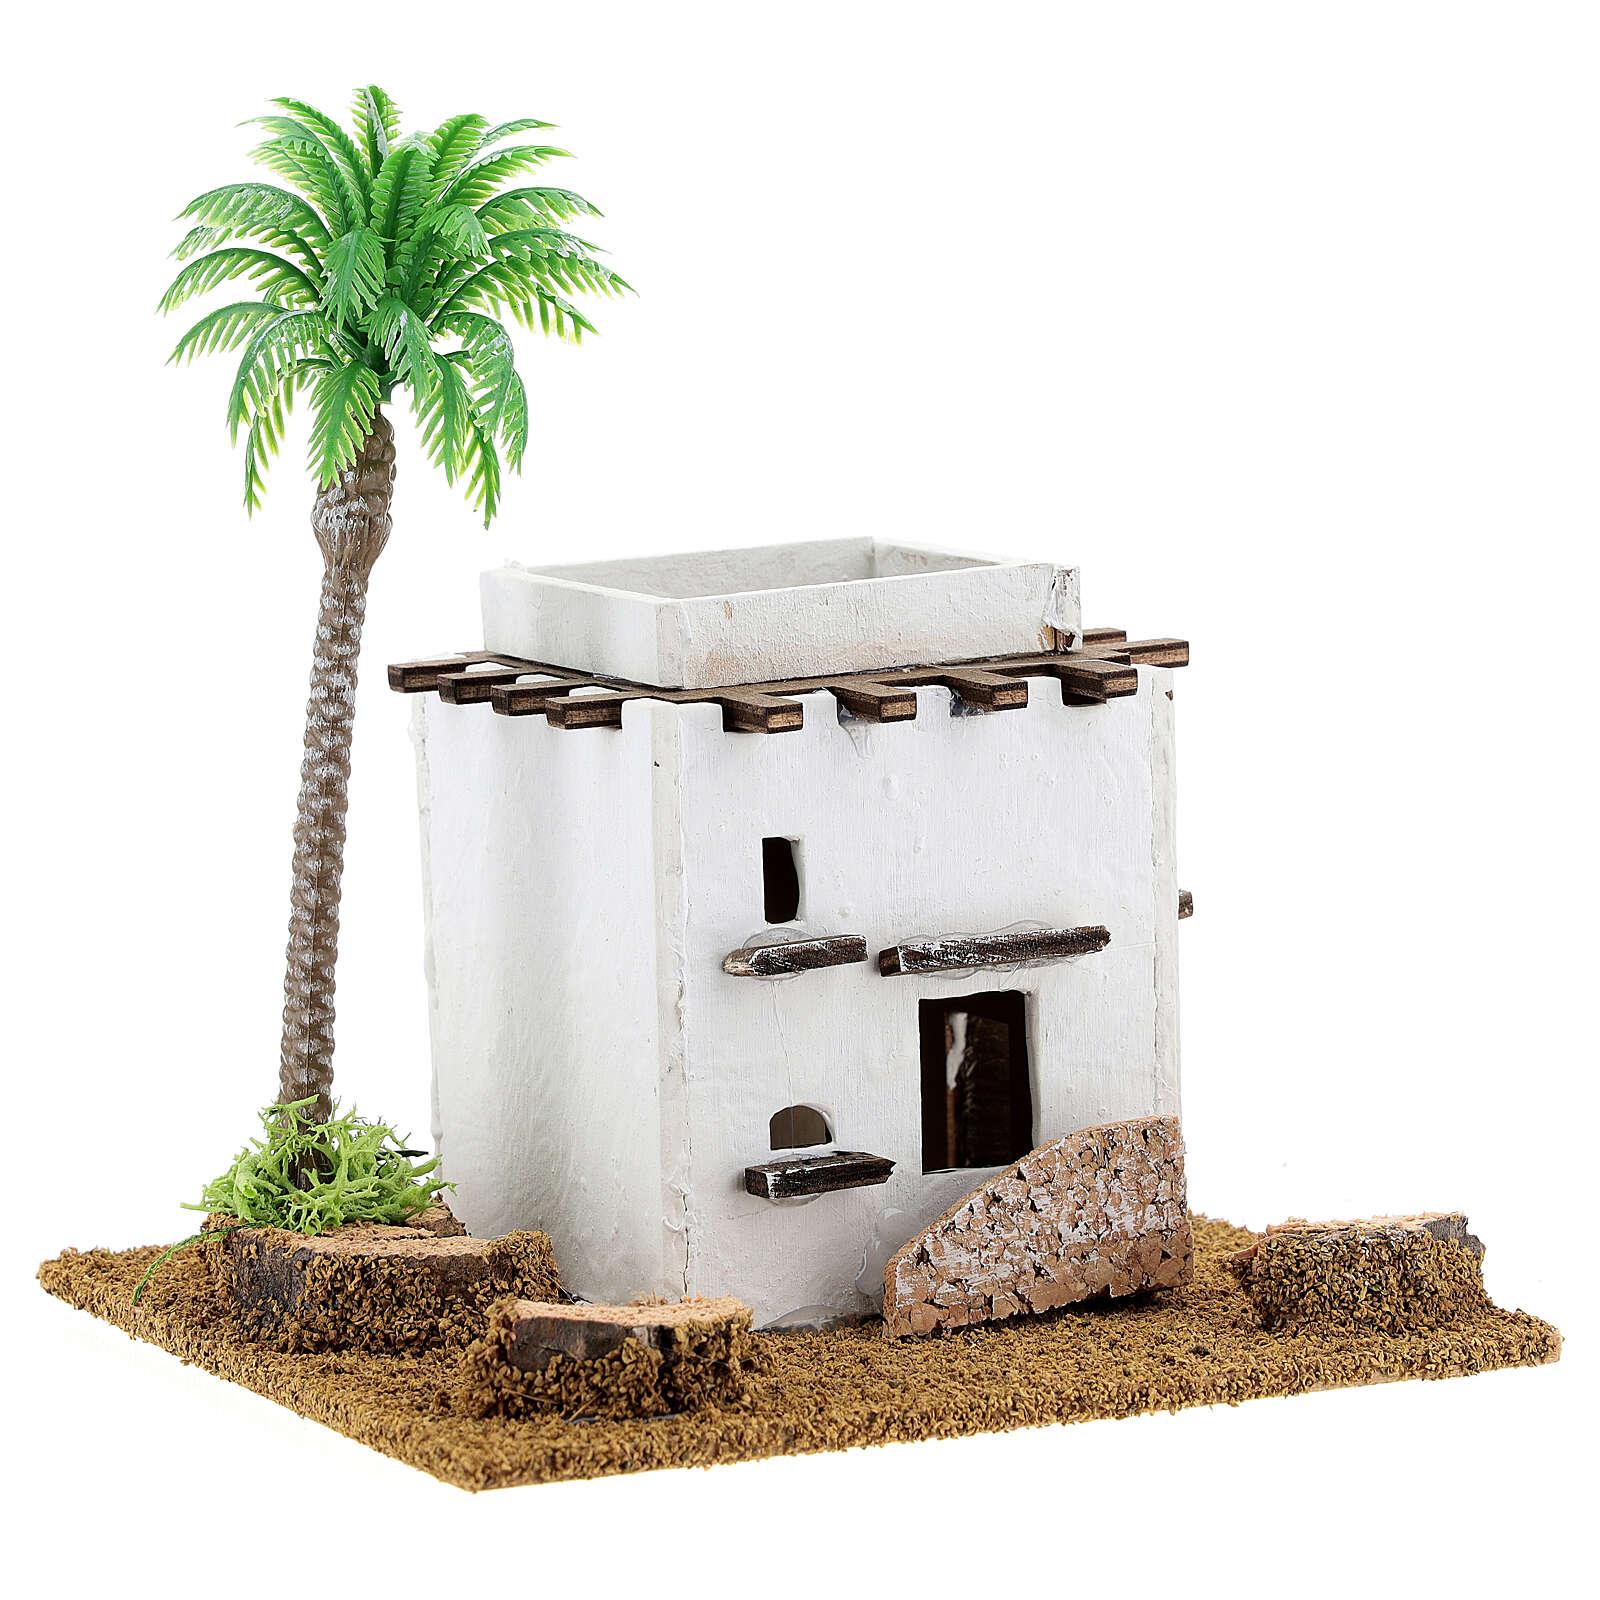 Arabic house with palm tree 15x10x15 cm 4